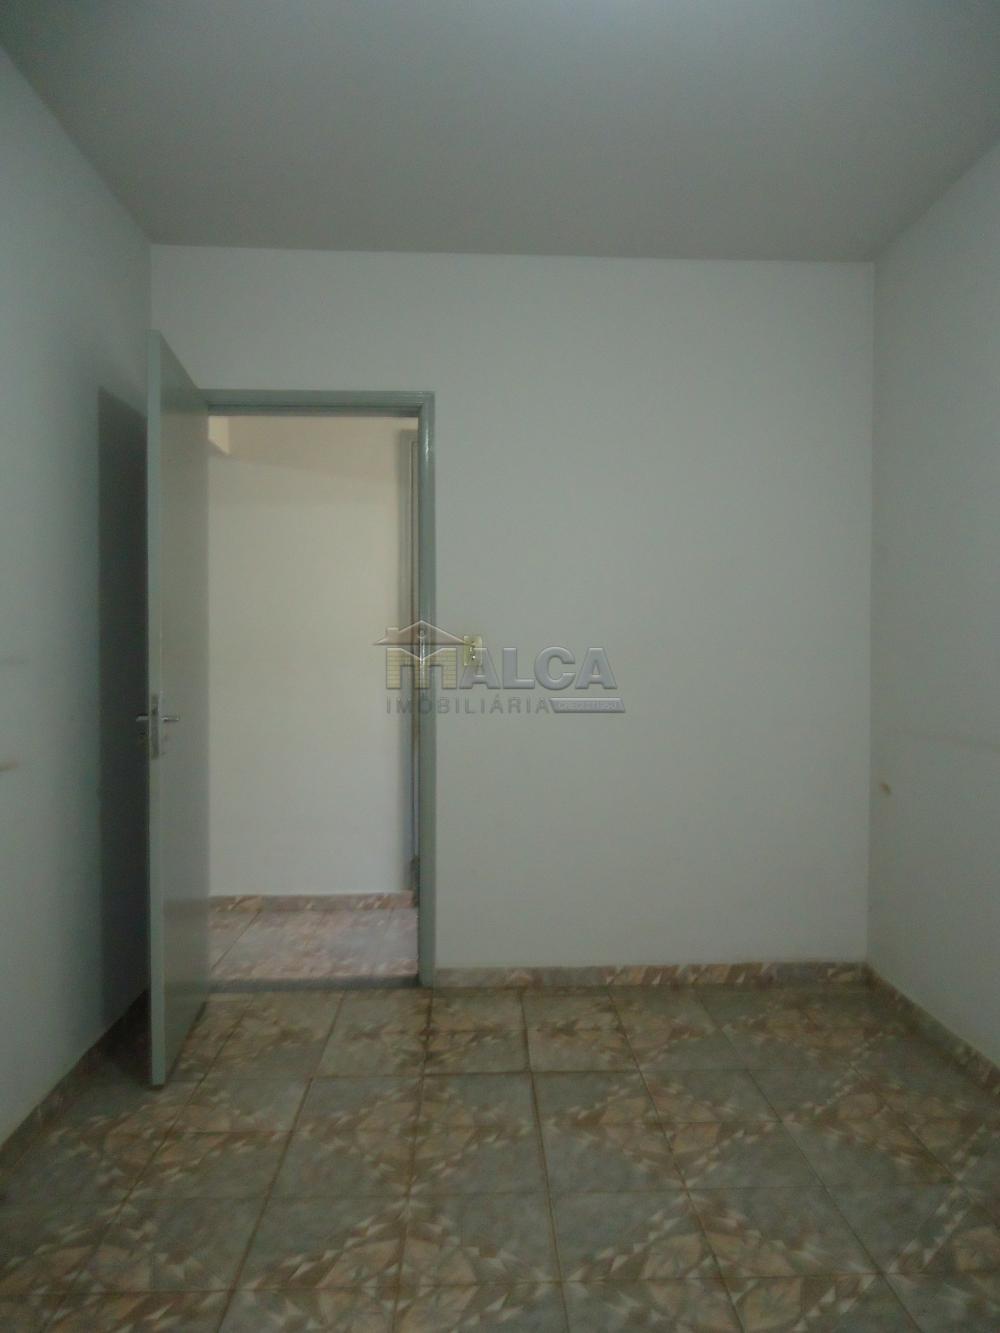 Alugar Casas / Padrão em São José do Rio Pardo apenas R$ 670,00 - Foto 22